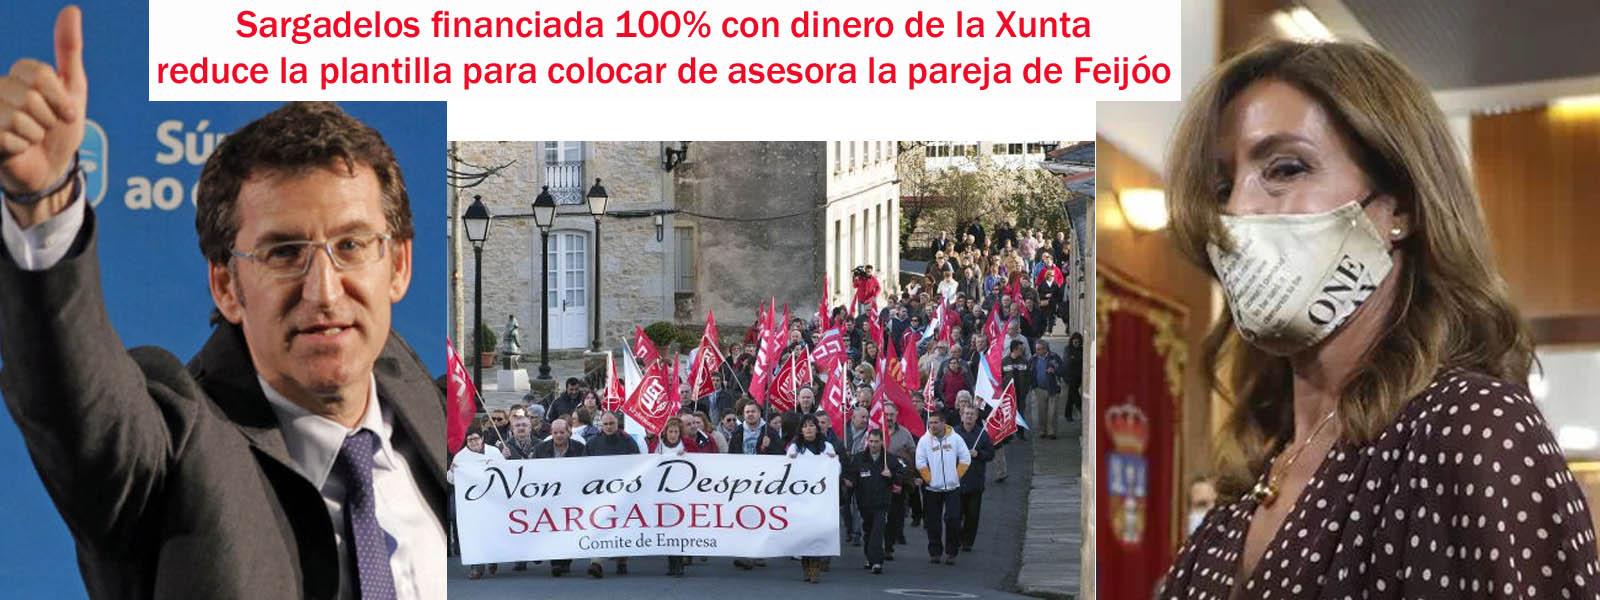 """El """"clan familiar de Feijóo"""" suma a los sueldos públicos a su pareja Eva  Cardenas en Sargadelos financiada 100% con fondos públicos de la Xunta de  Galicia o lo que es lo"""